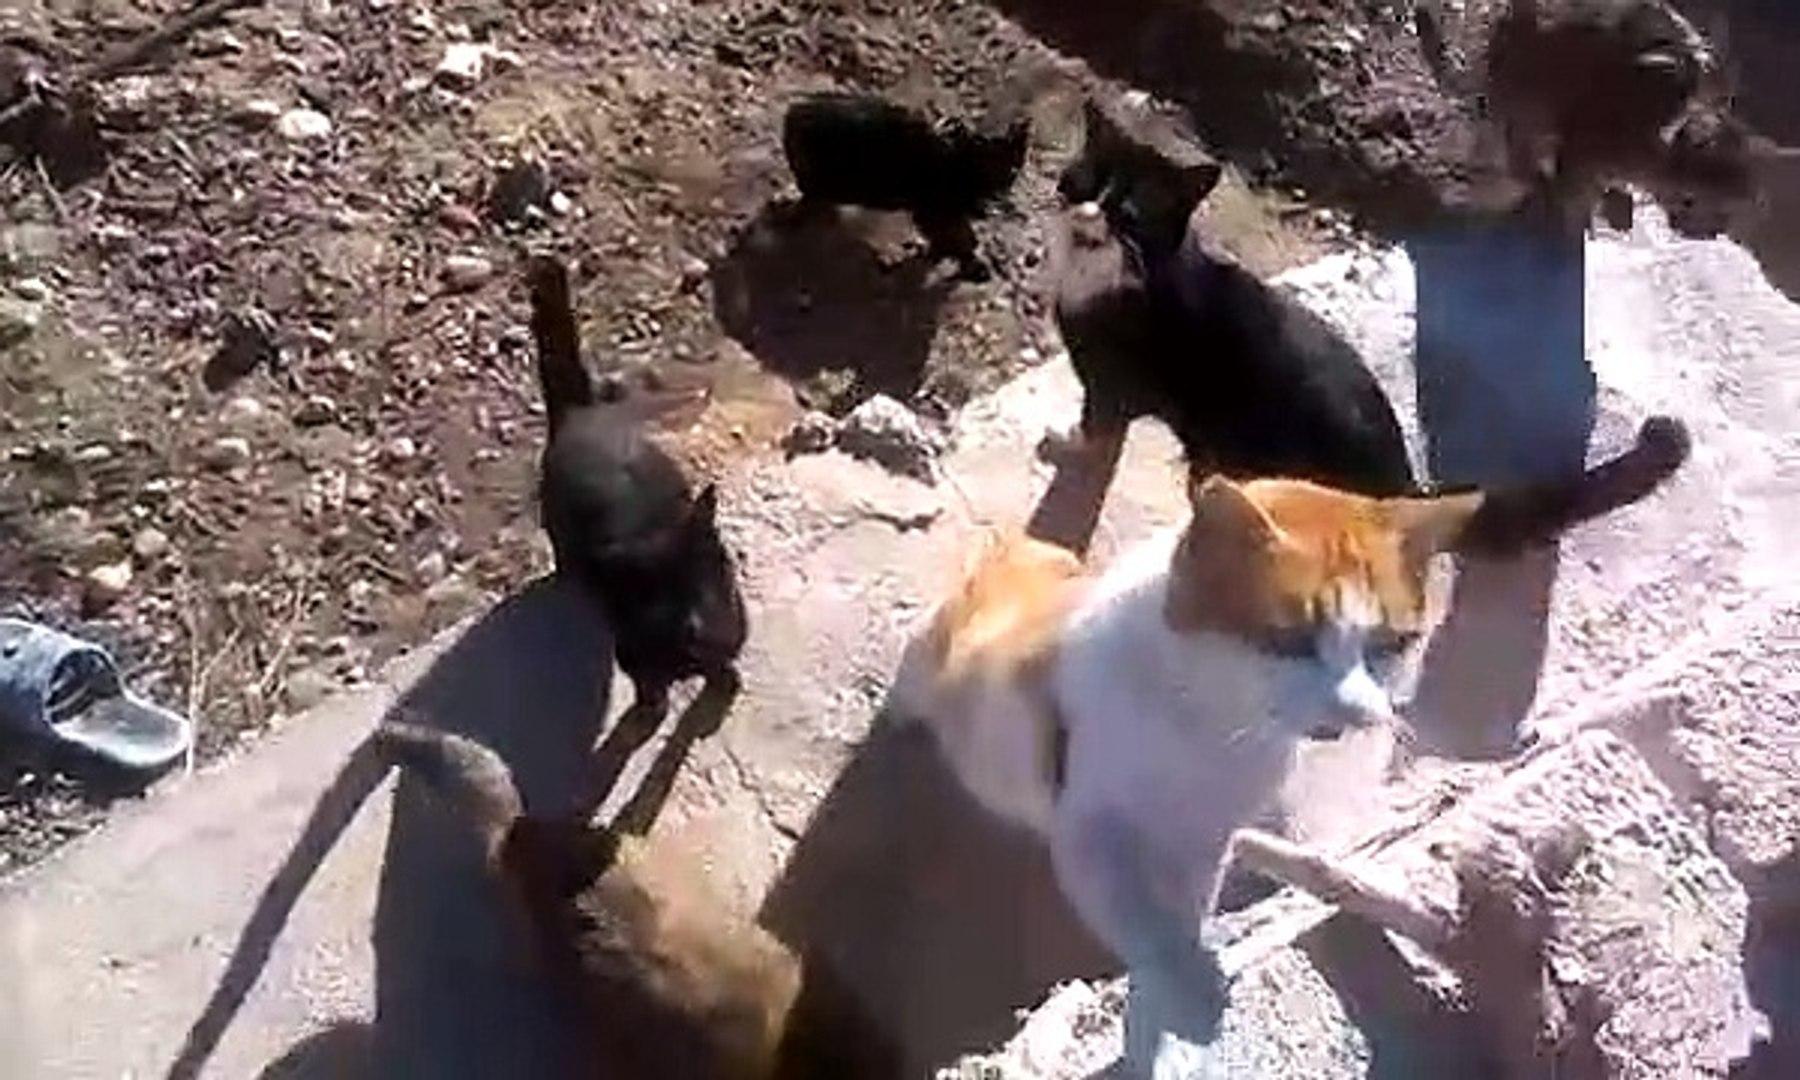 Kedi sesleri kedi miyavlaması AC kedi miyavlaması sesleri videoları